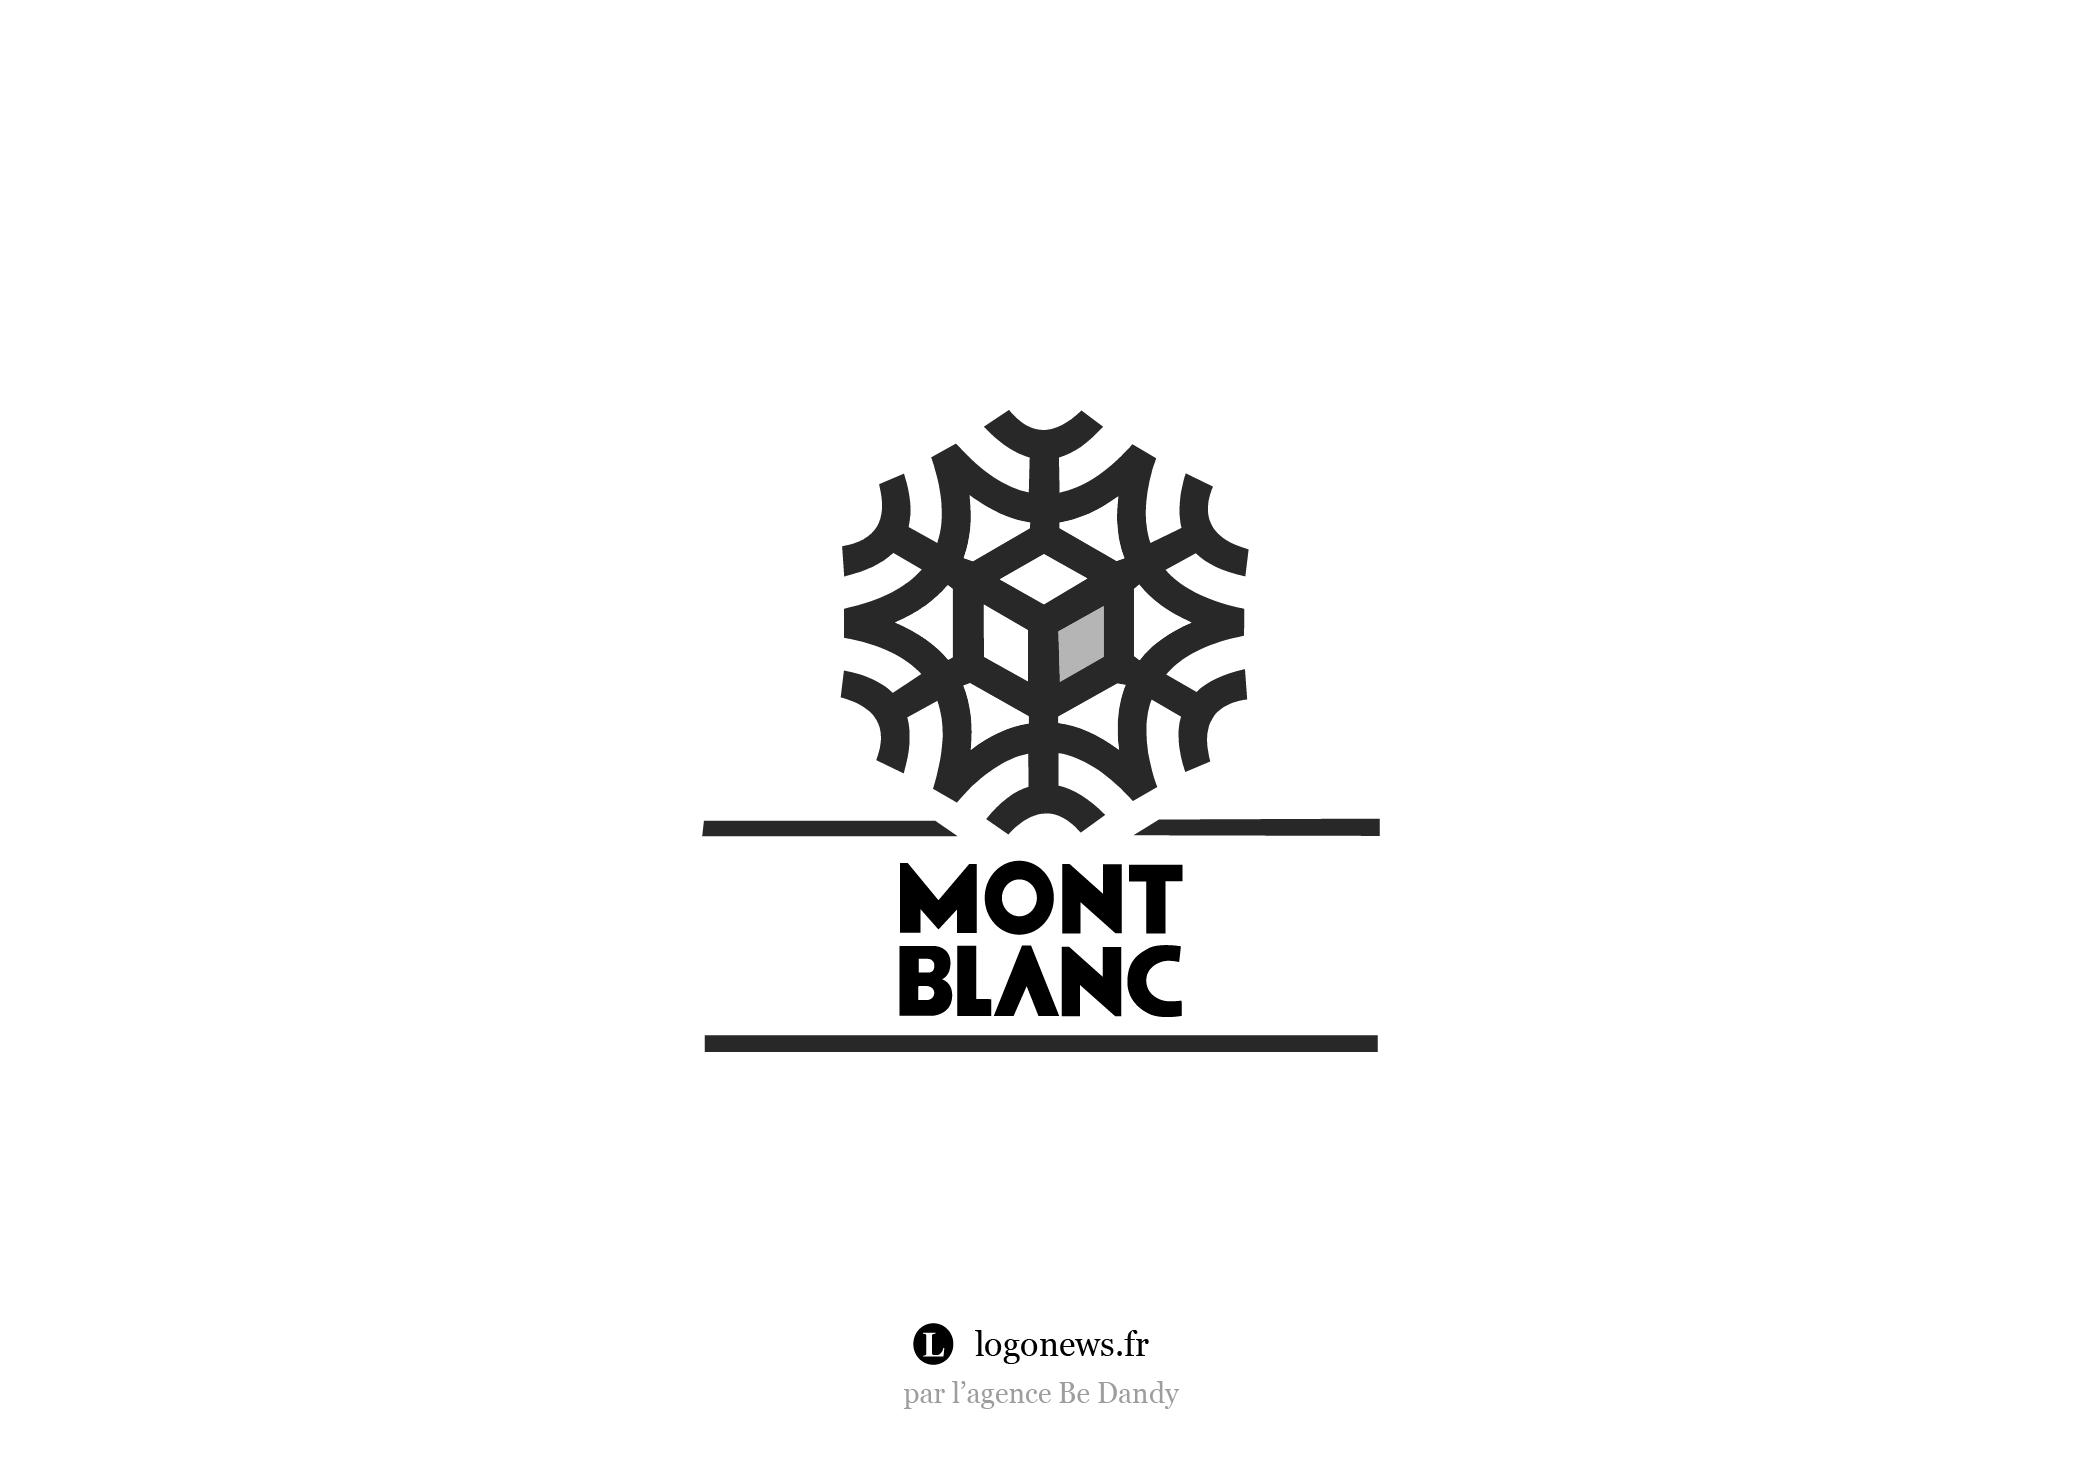 10_remix_logo_picard_mont_blanc